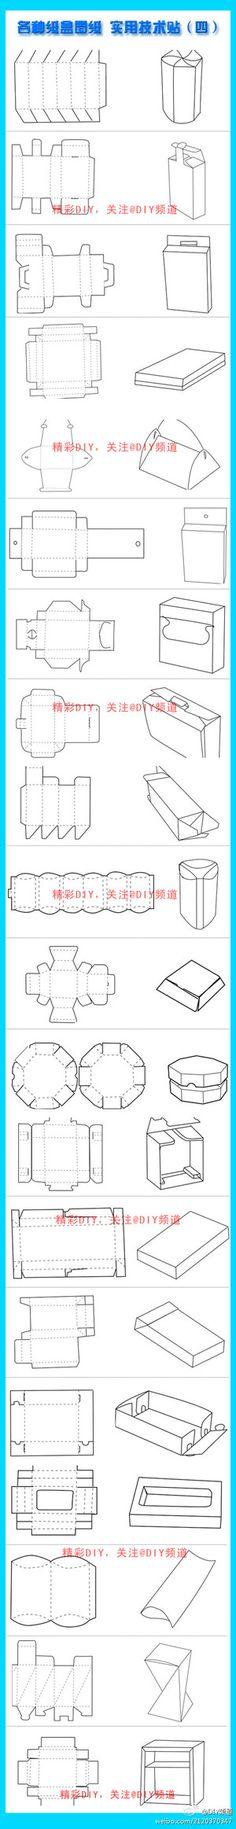 各种纸盒子~ - 堆糖 发现生活_收集美好_分享图片